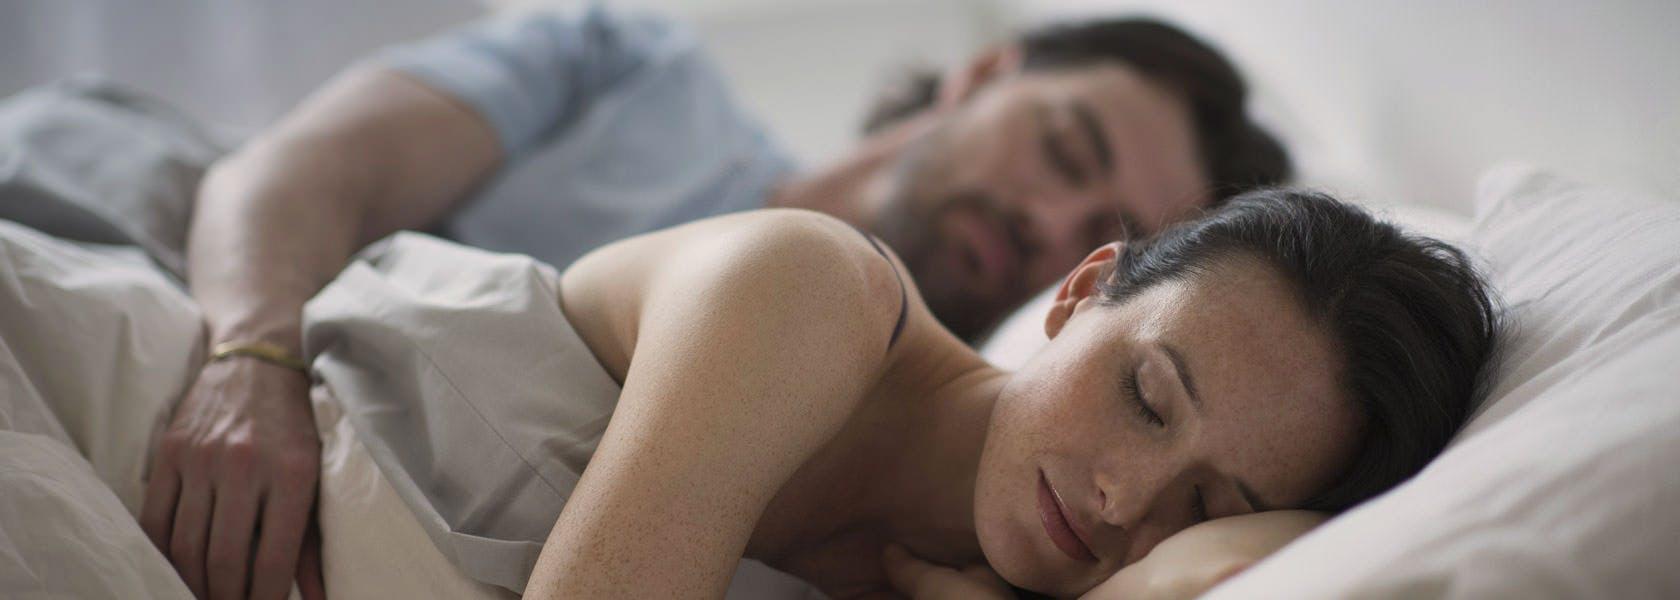 Combatir resfriado con una buena noche de sueño